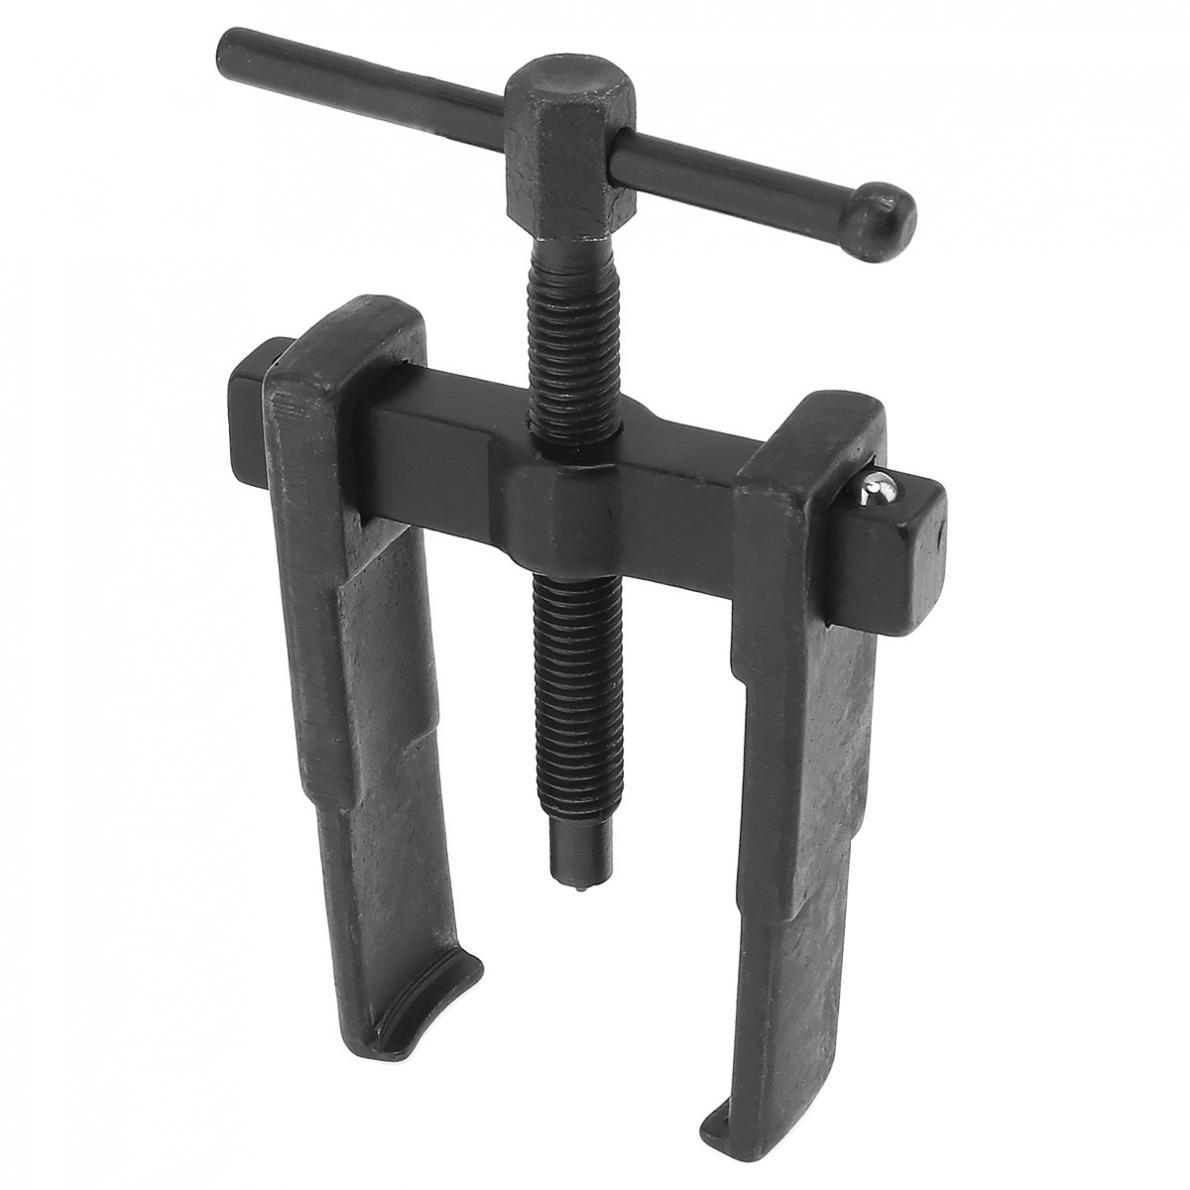 Dispositivo de elevación independiente Extractor de dos garras, cojinete mecánico automático, herramientas manuales, cojinete Rama